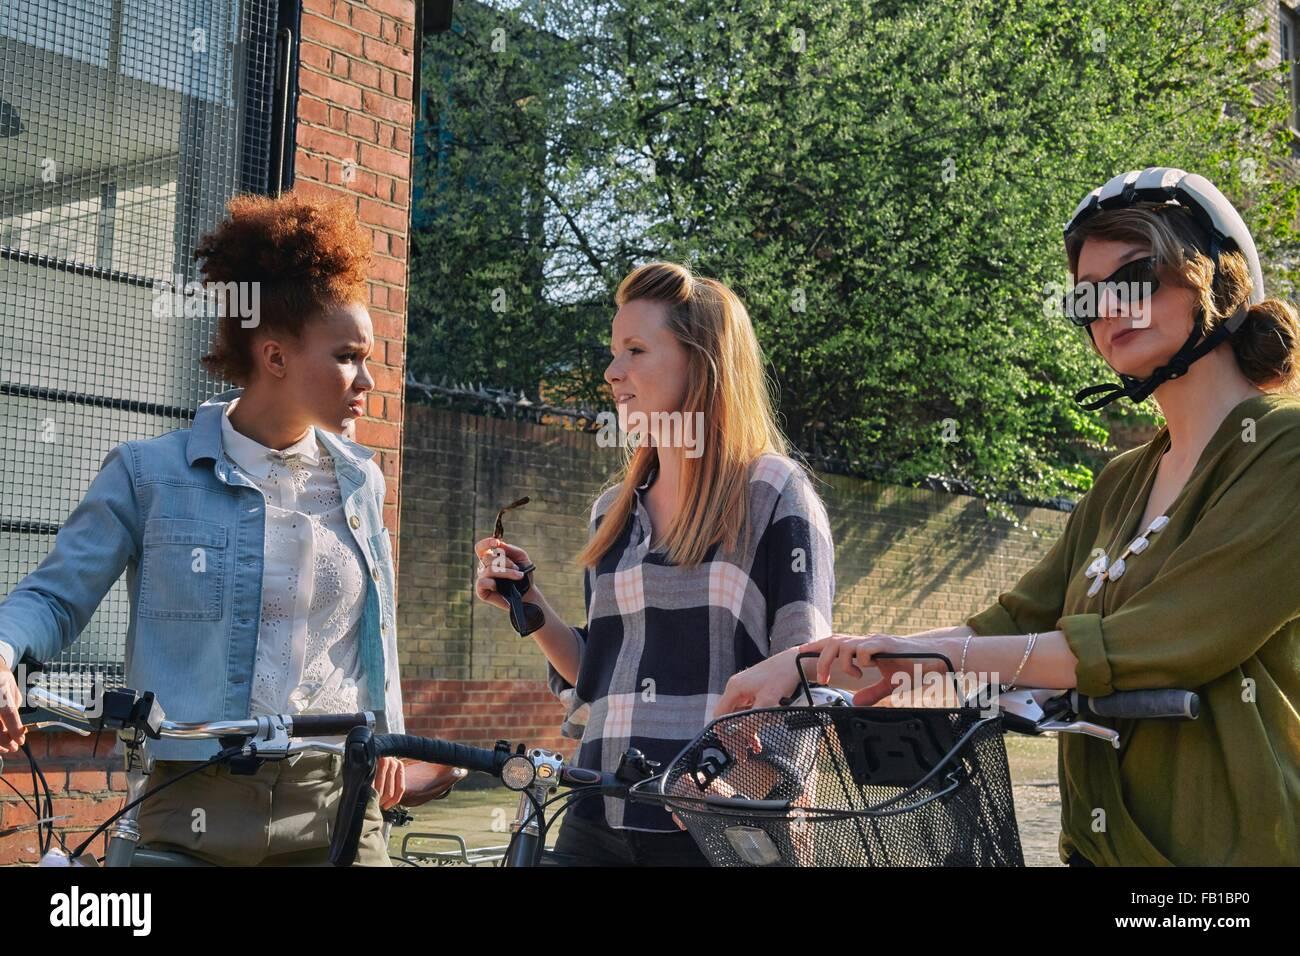 Frauen im Stadtgebiet, Taille, stehend halten Fahrräder im Chat Stockbild